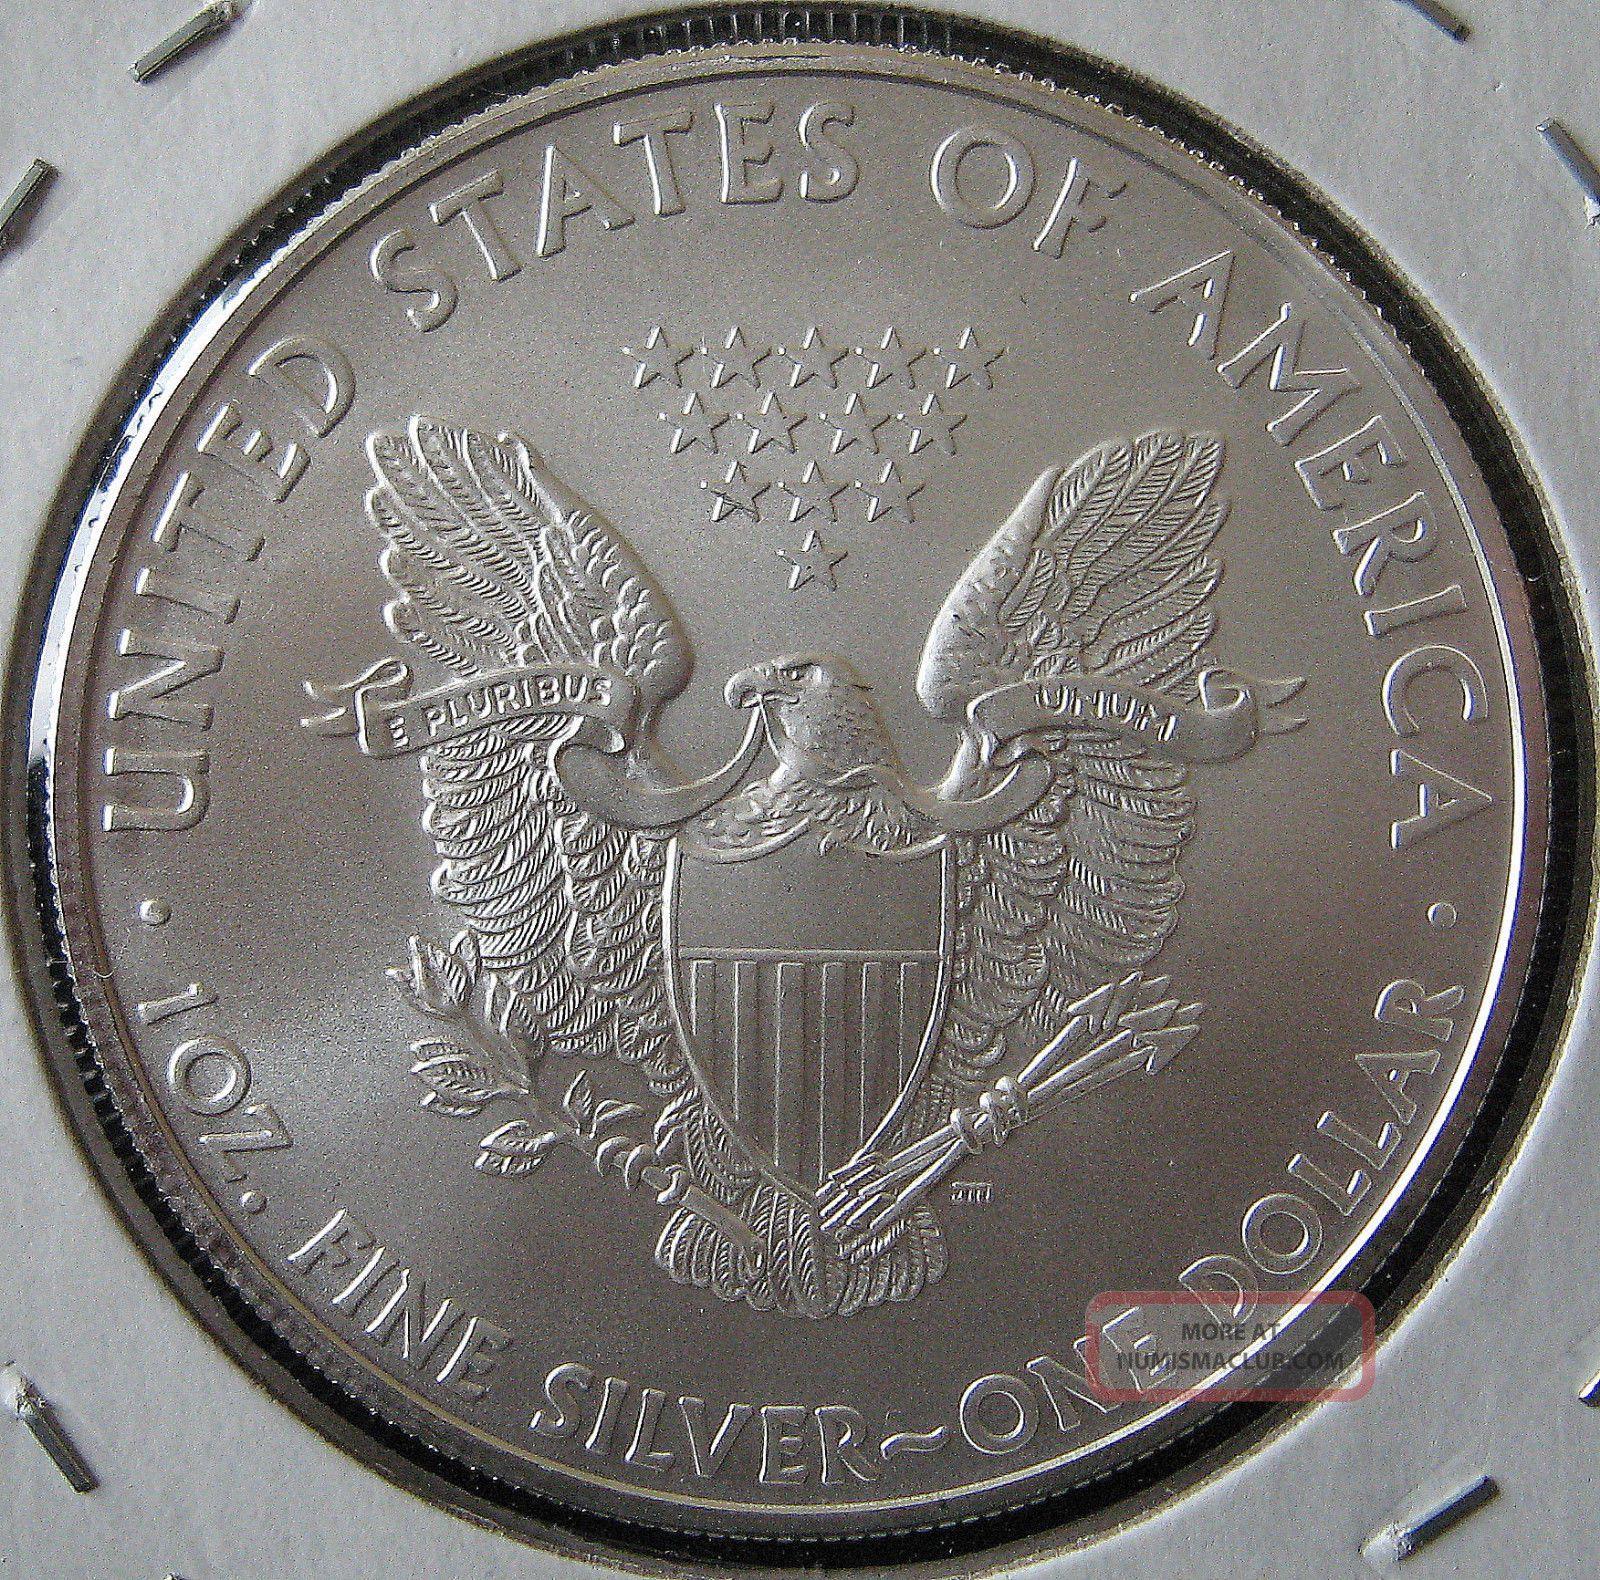 2010 Bu American Silver Eagle Dollar Usa Made 1 Oz 999